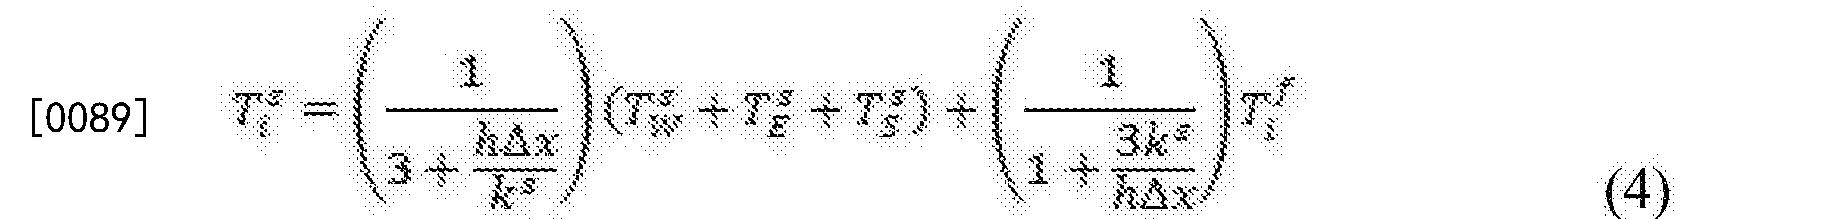 Figure CN104137660BD00151